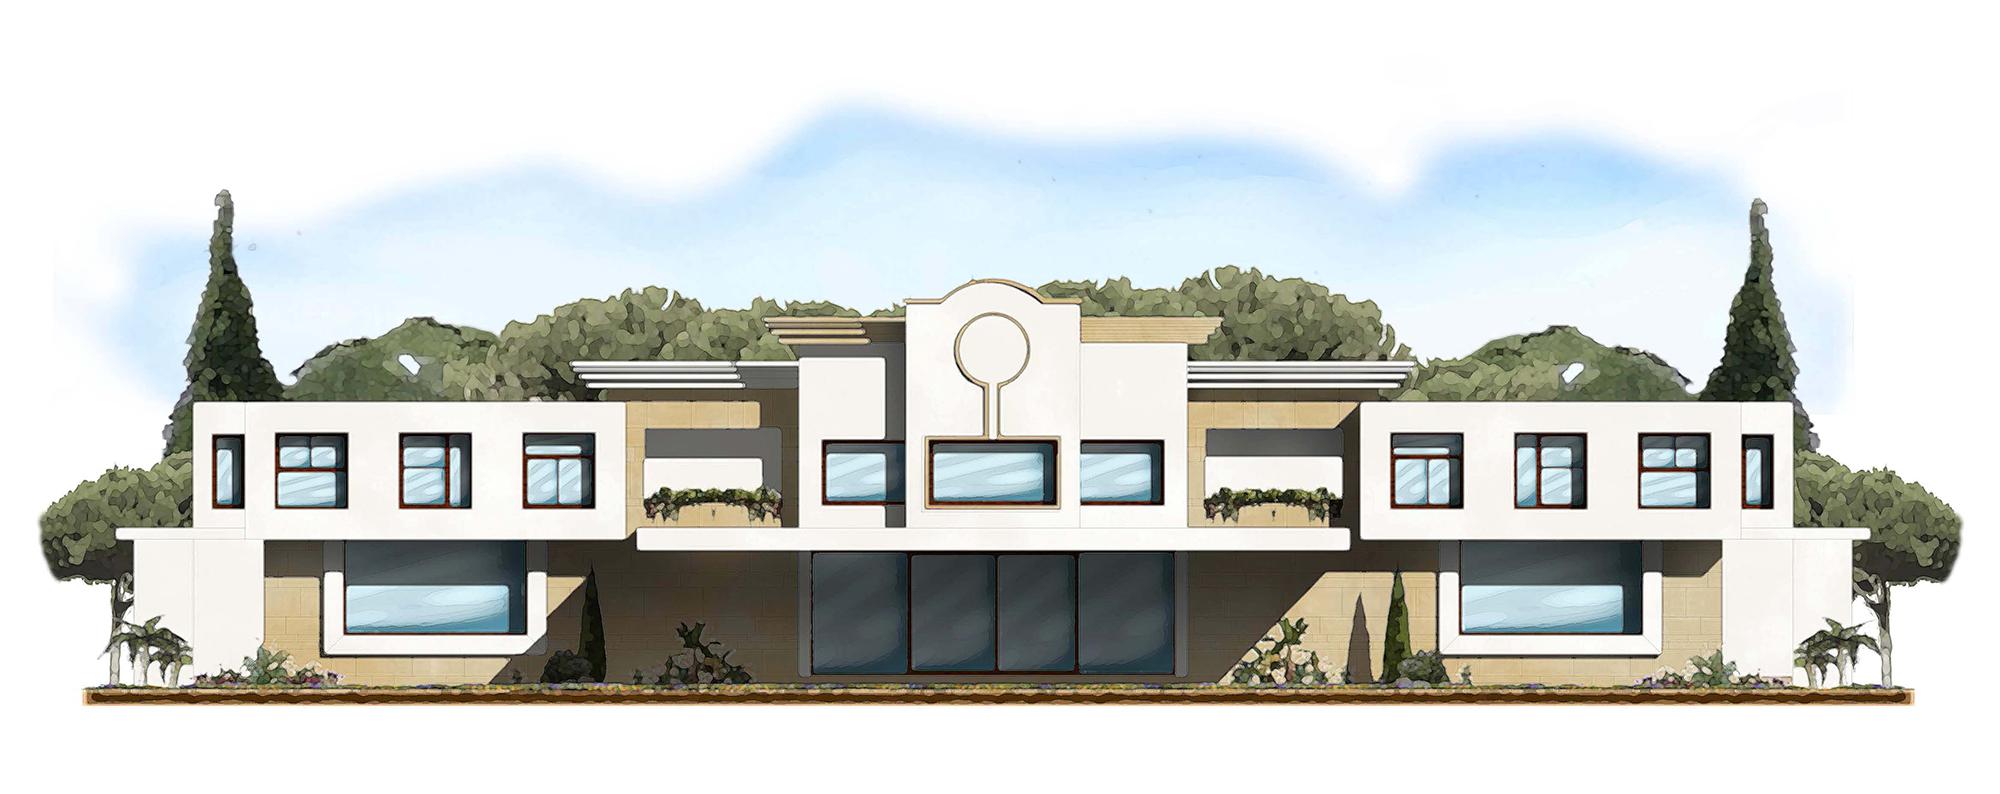 Puerto Banus - Natural Architecture & Interior Design